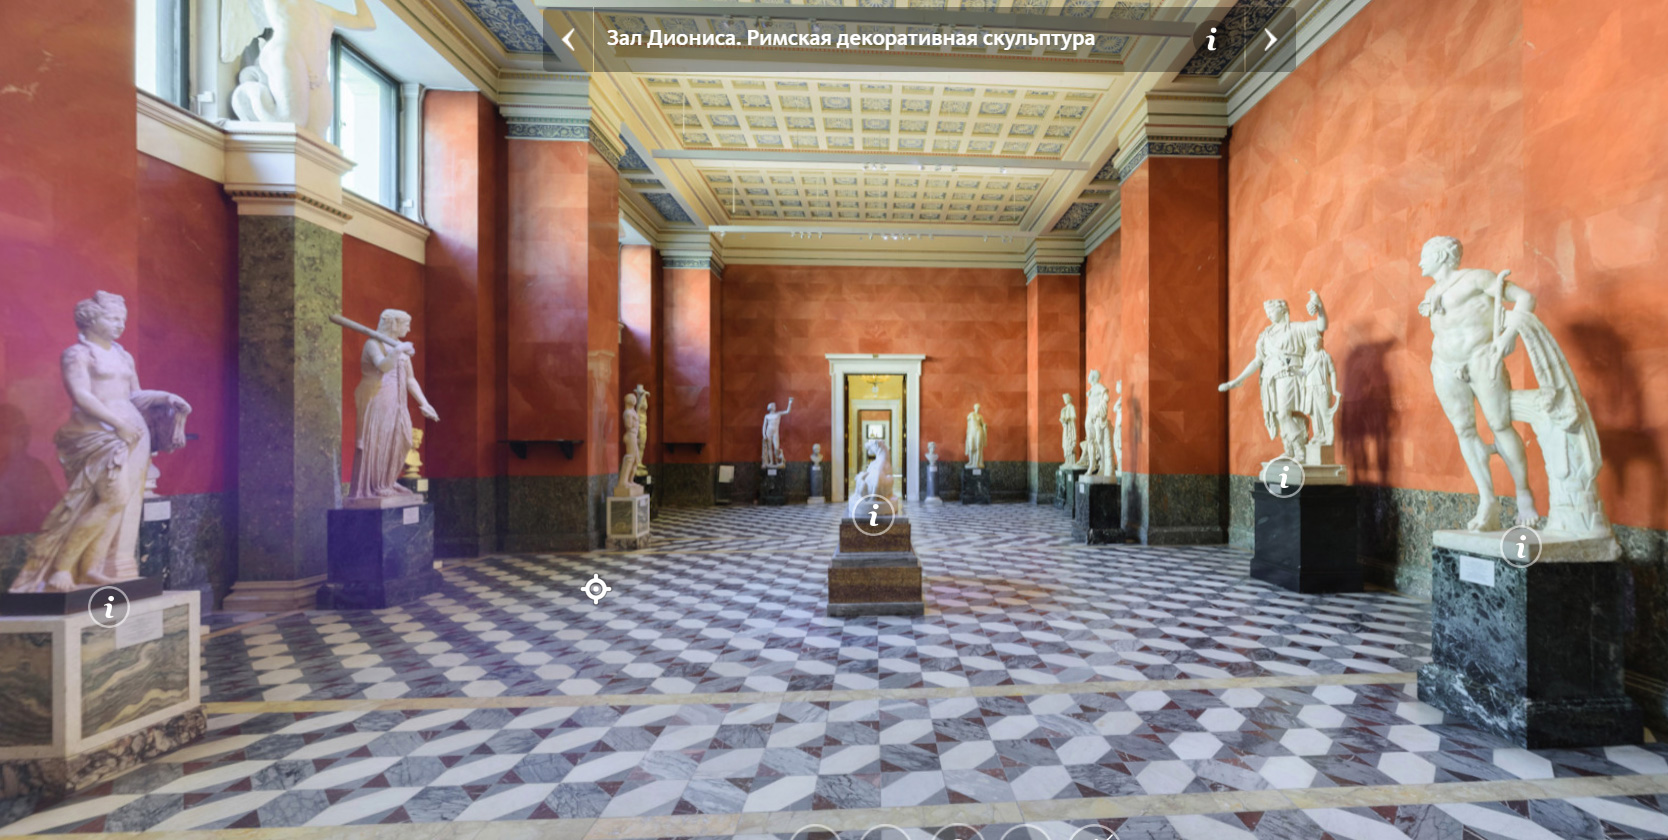 Виртуальная экскурсия по Эрмитажу